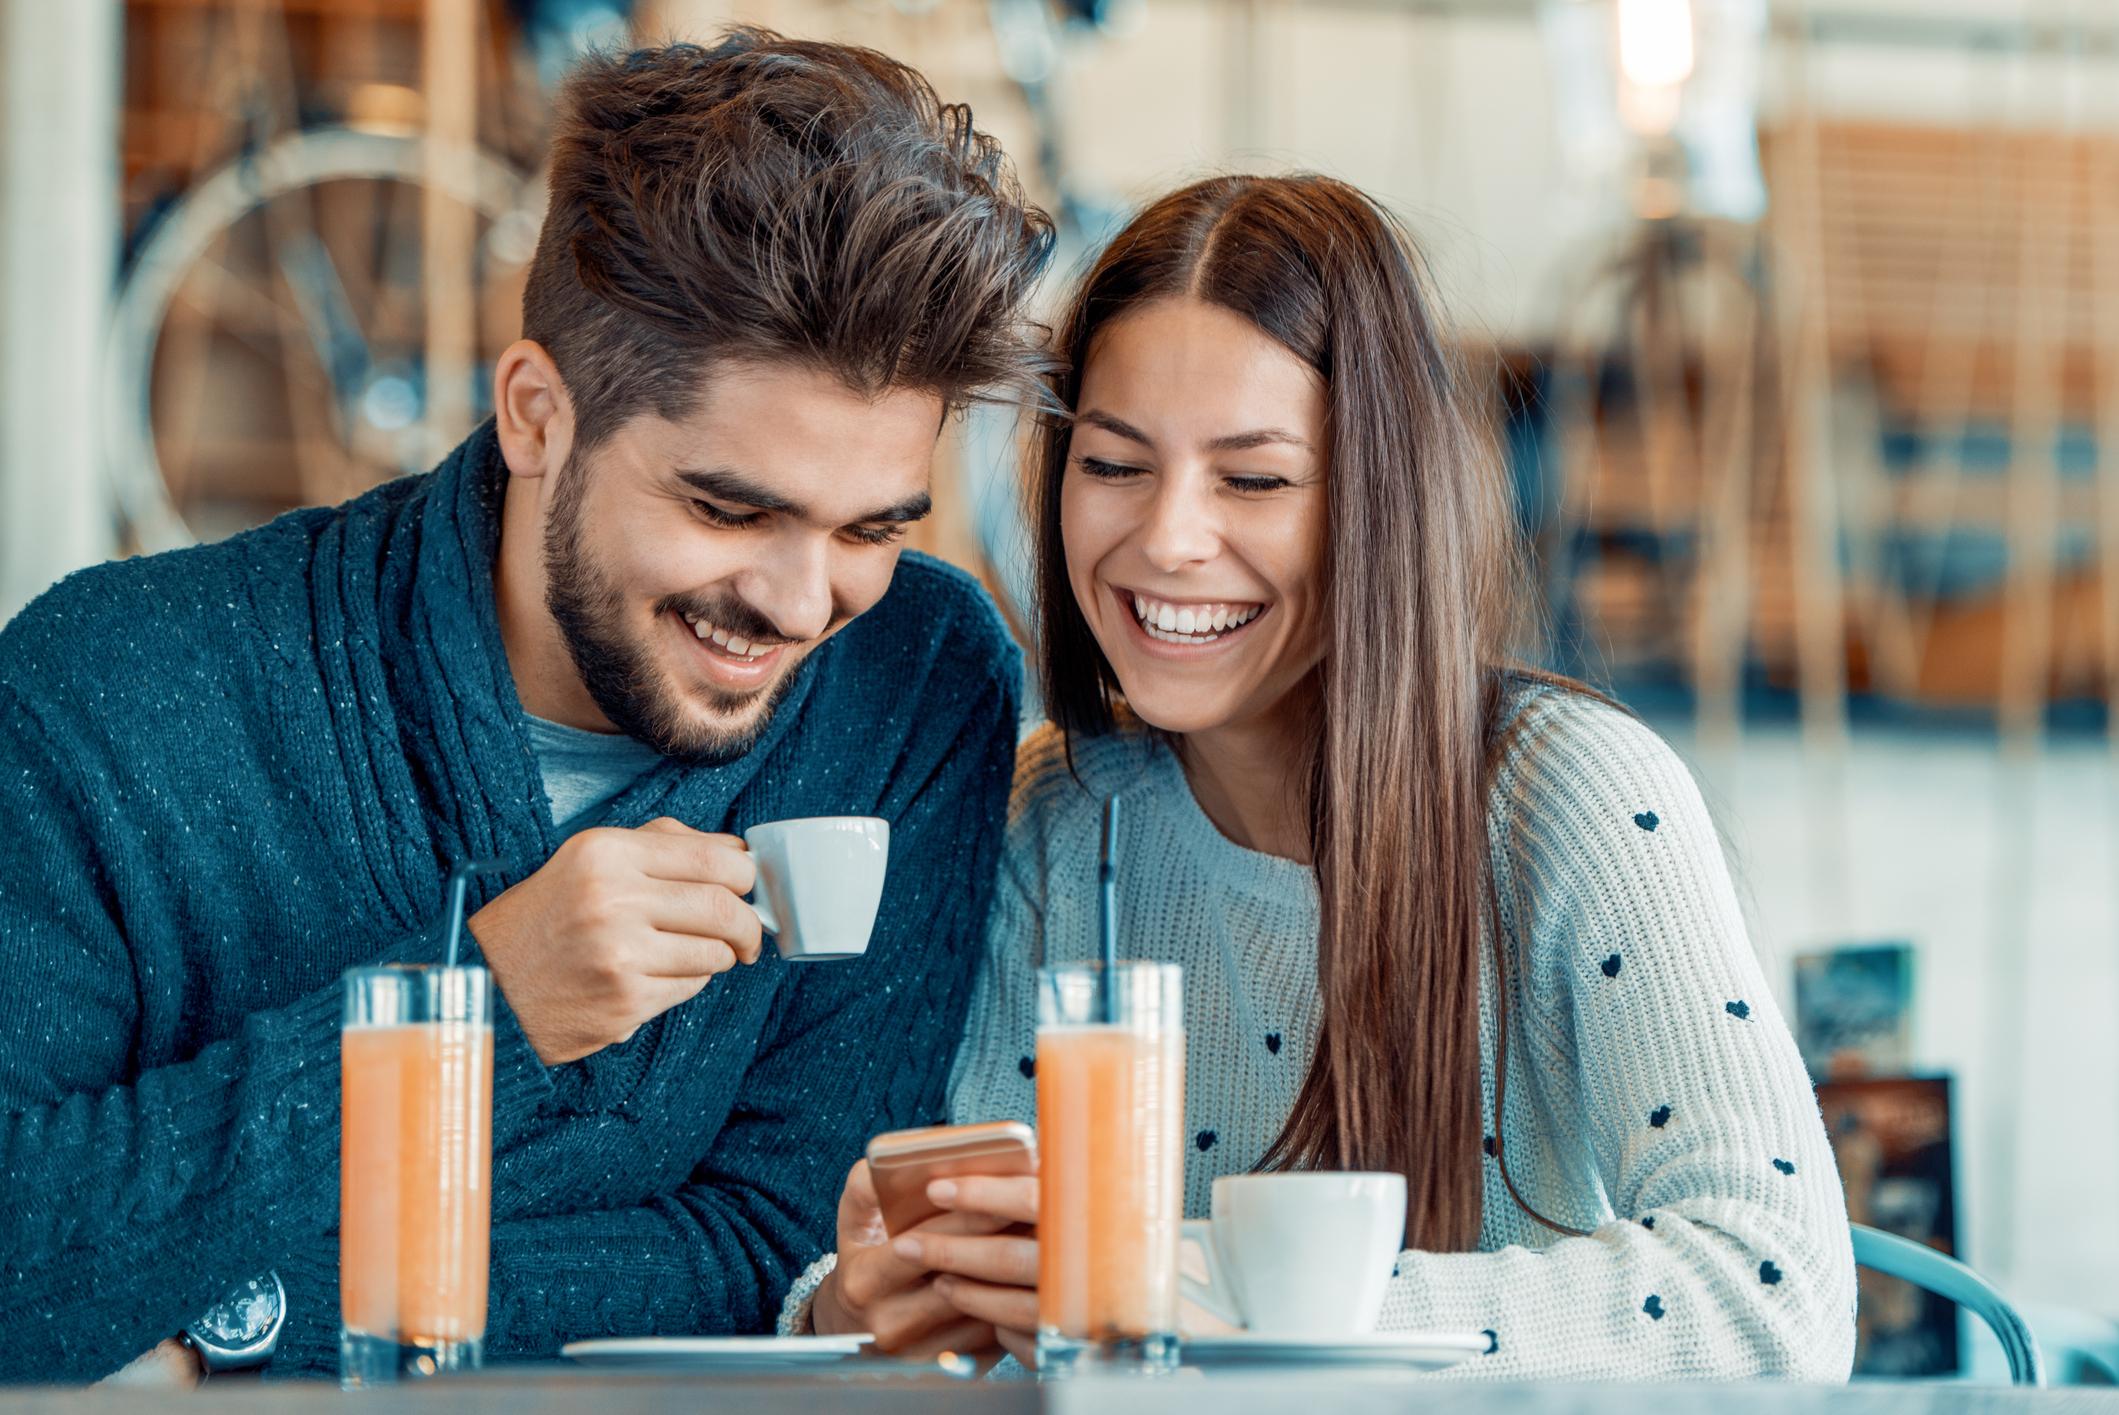 telegraf randkowy samotni rodzice randki pomysły